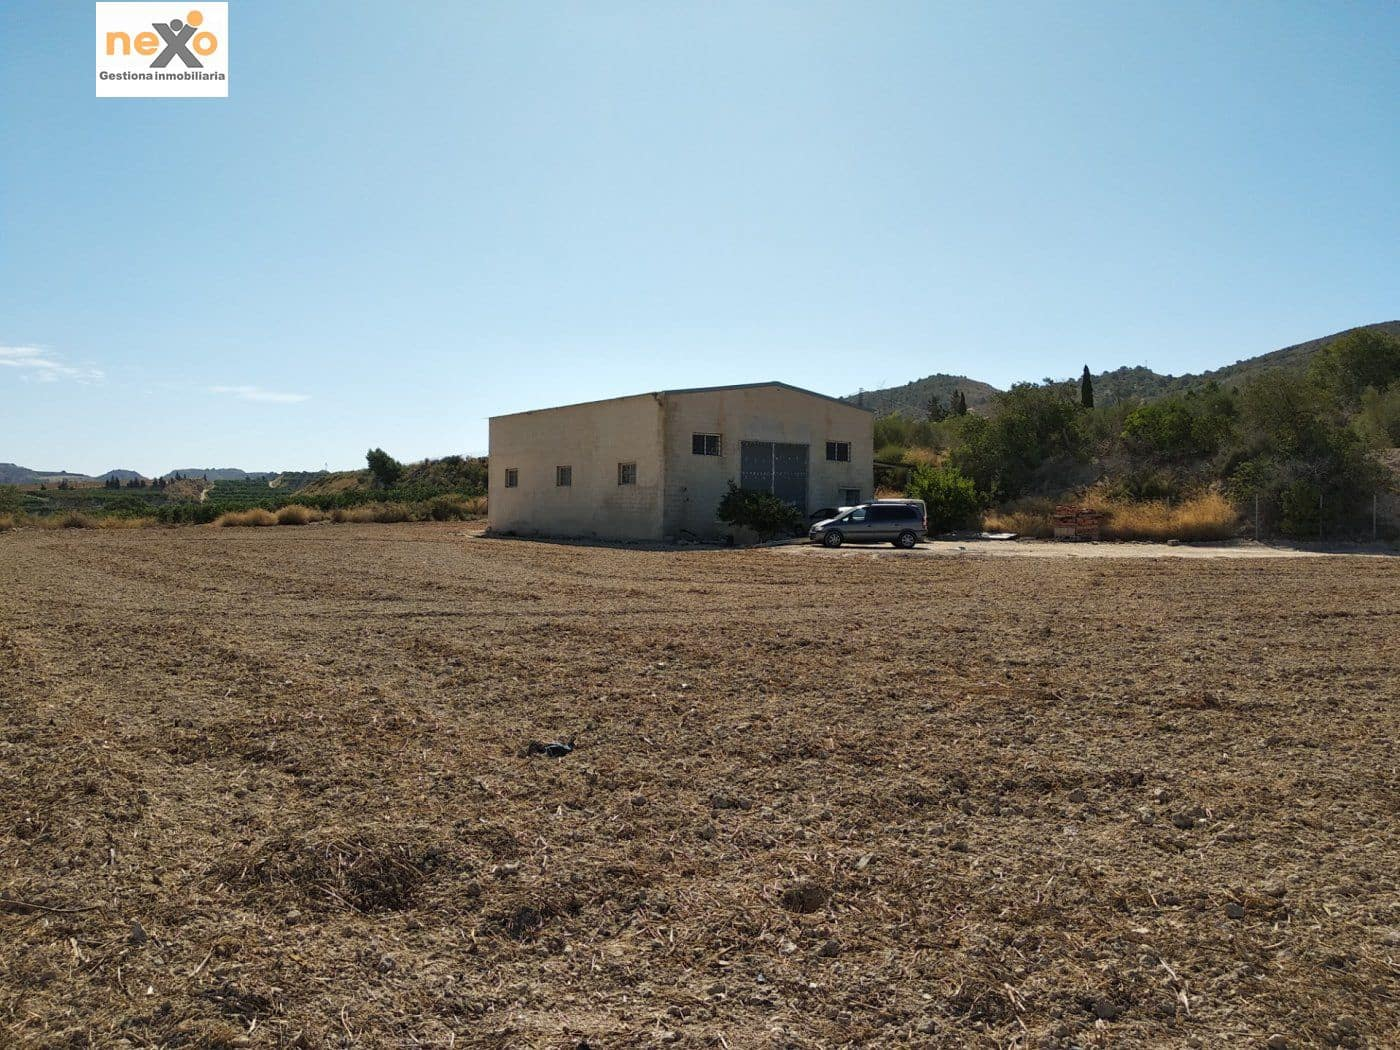 Finca/Casa Rural en Orihuela en venta - 200.000 € (Ref: 4838009)